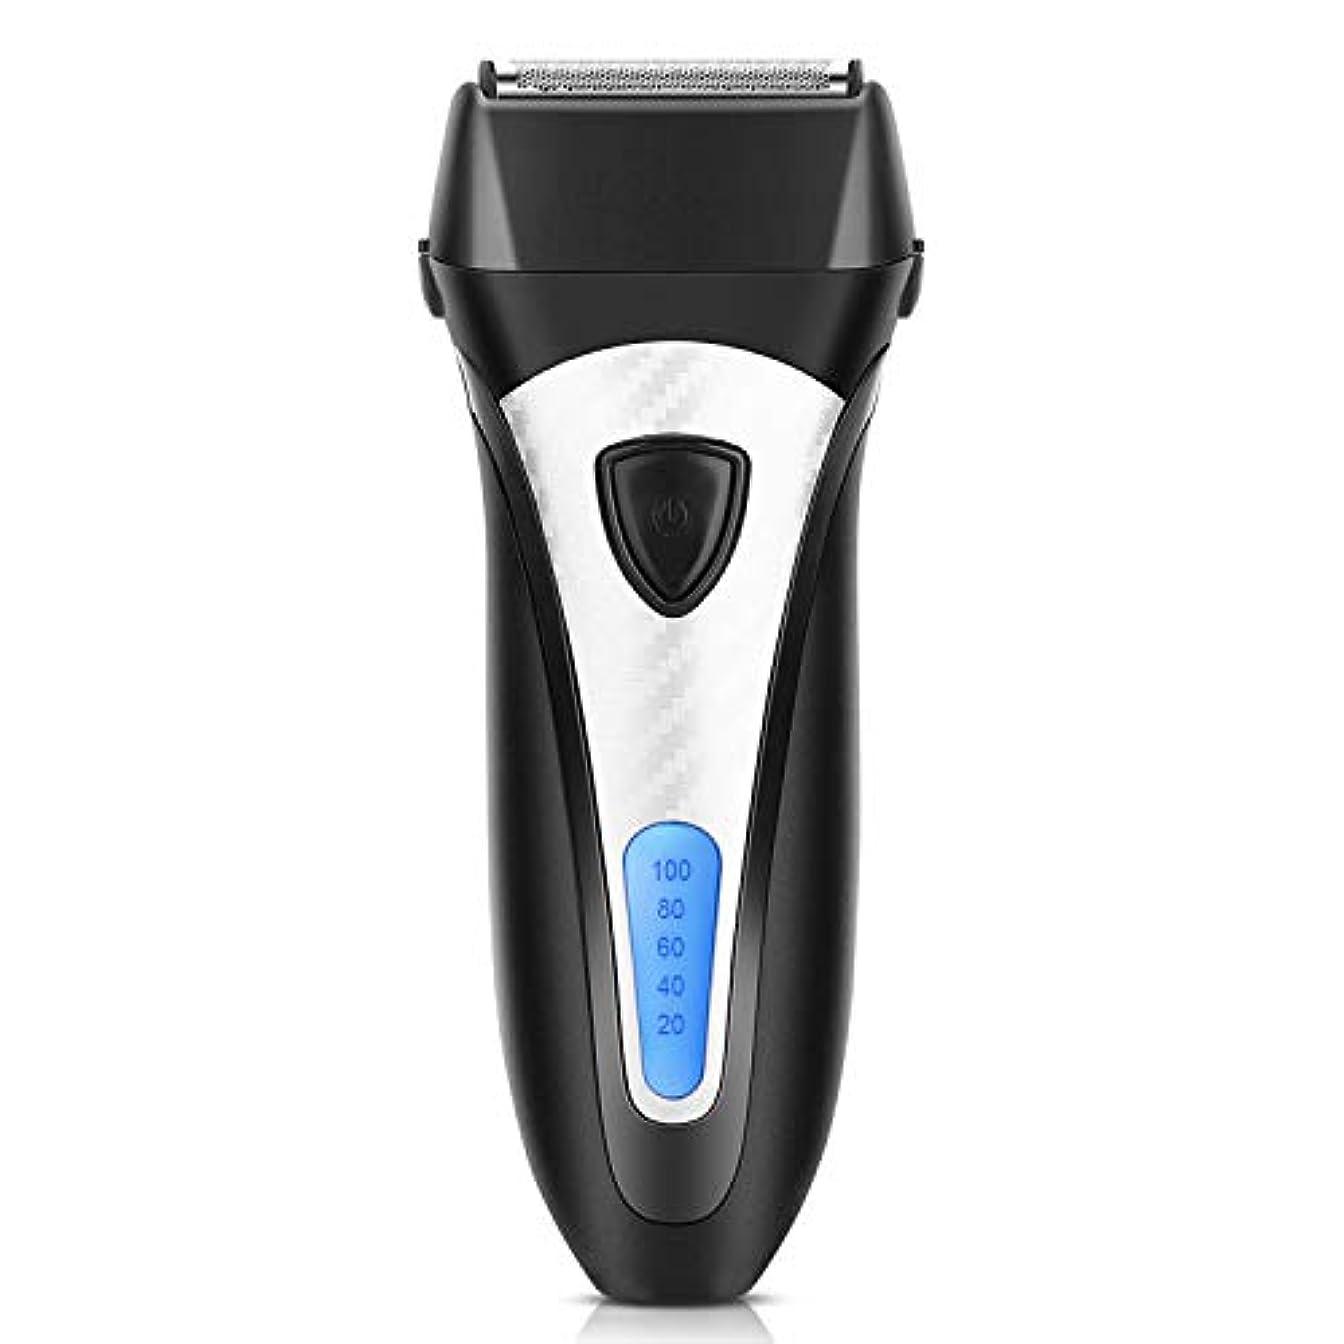 ホイッスル申込み次ELEHOT 電気シェーバー メンズシェーバー 髭剃り 往復式 3枚刃 トリマー付き 充電式 LCDディスプレイ 男性用 水洗いできる刃ベット